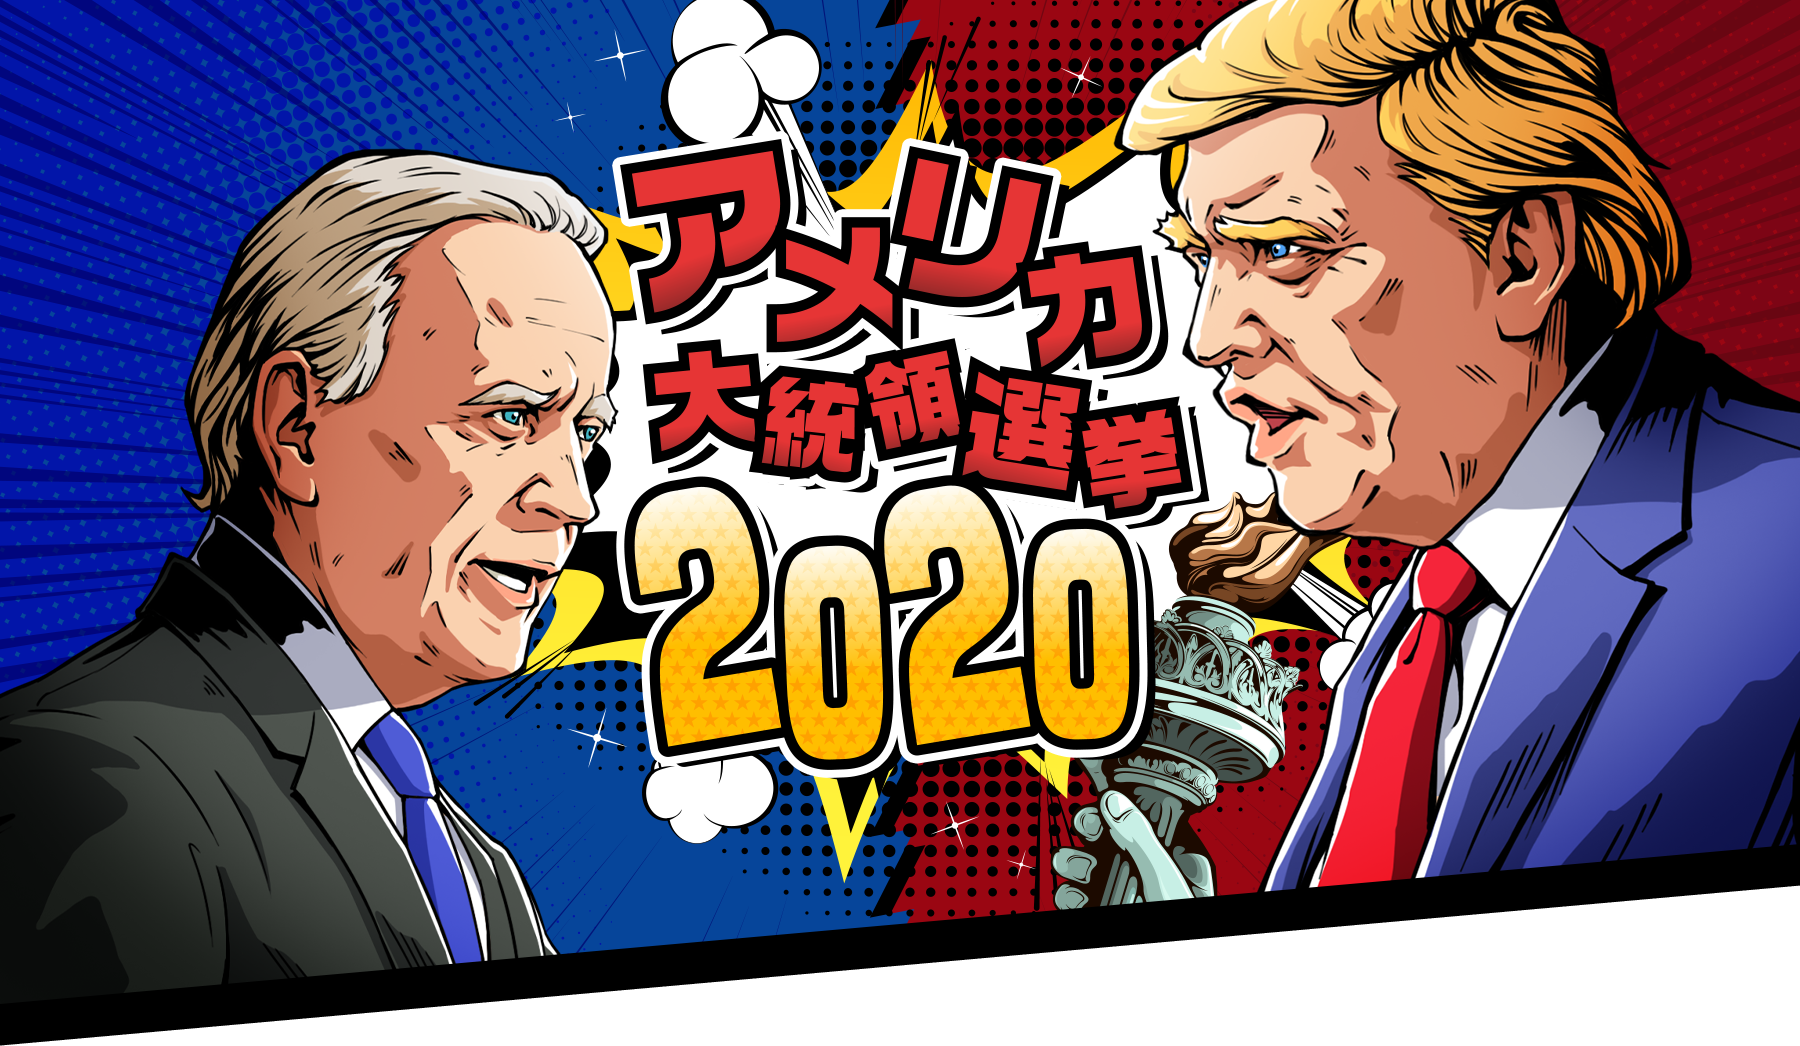 選 アメリカ いつ 大統領